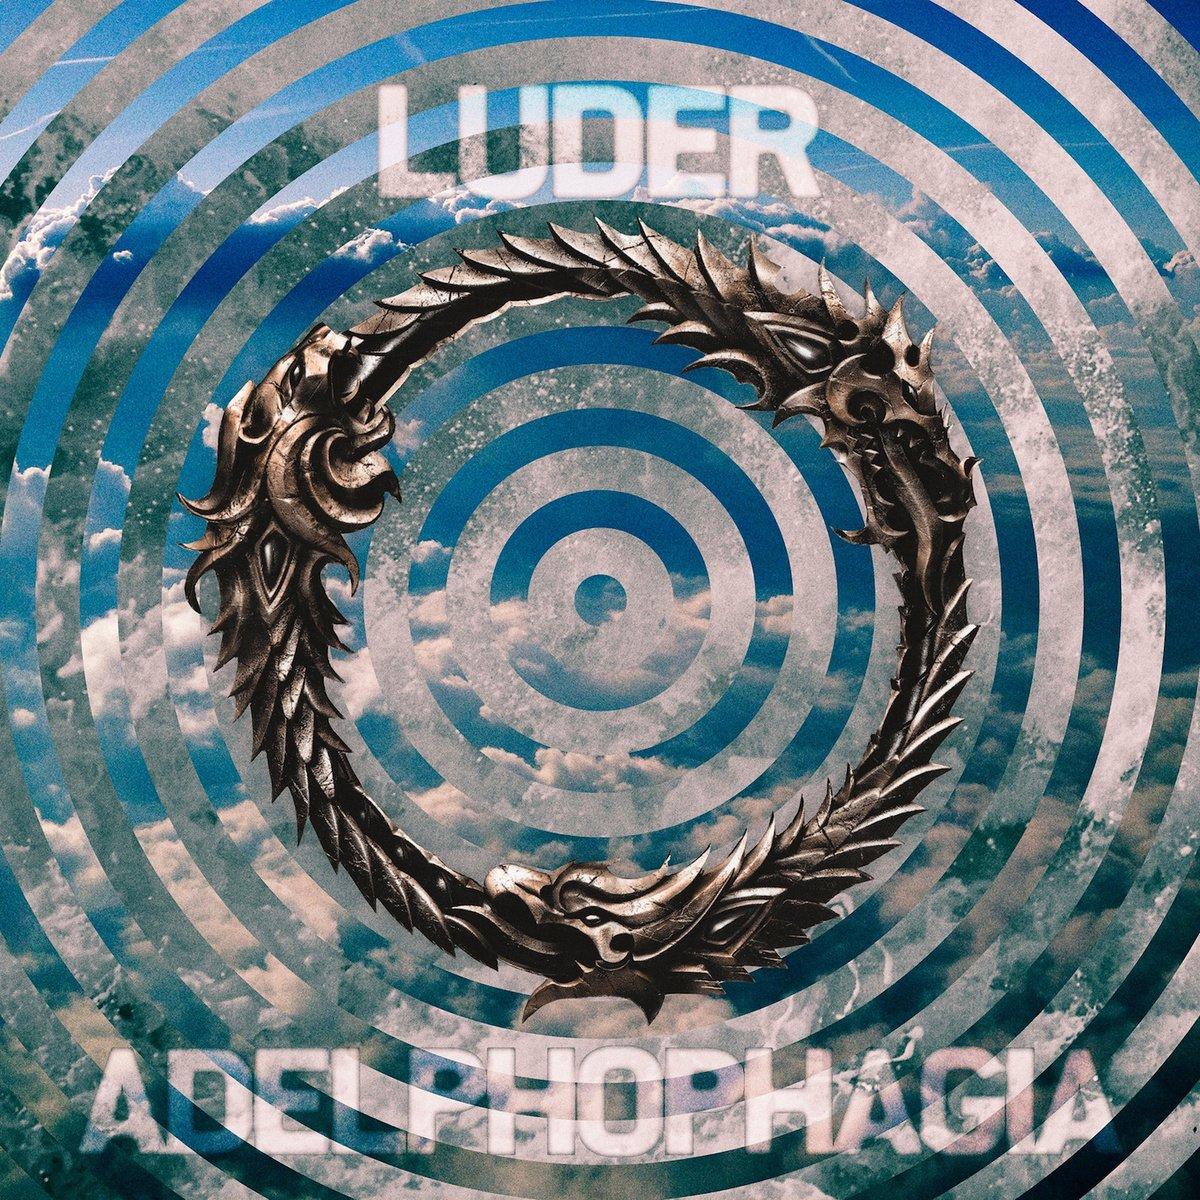 Luder - Adelphophagia